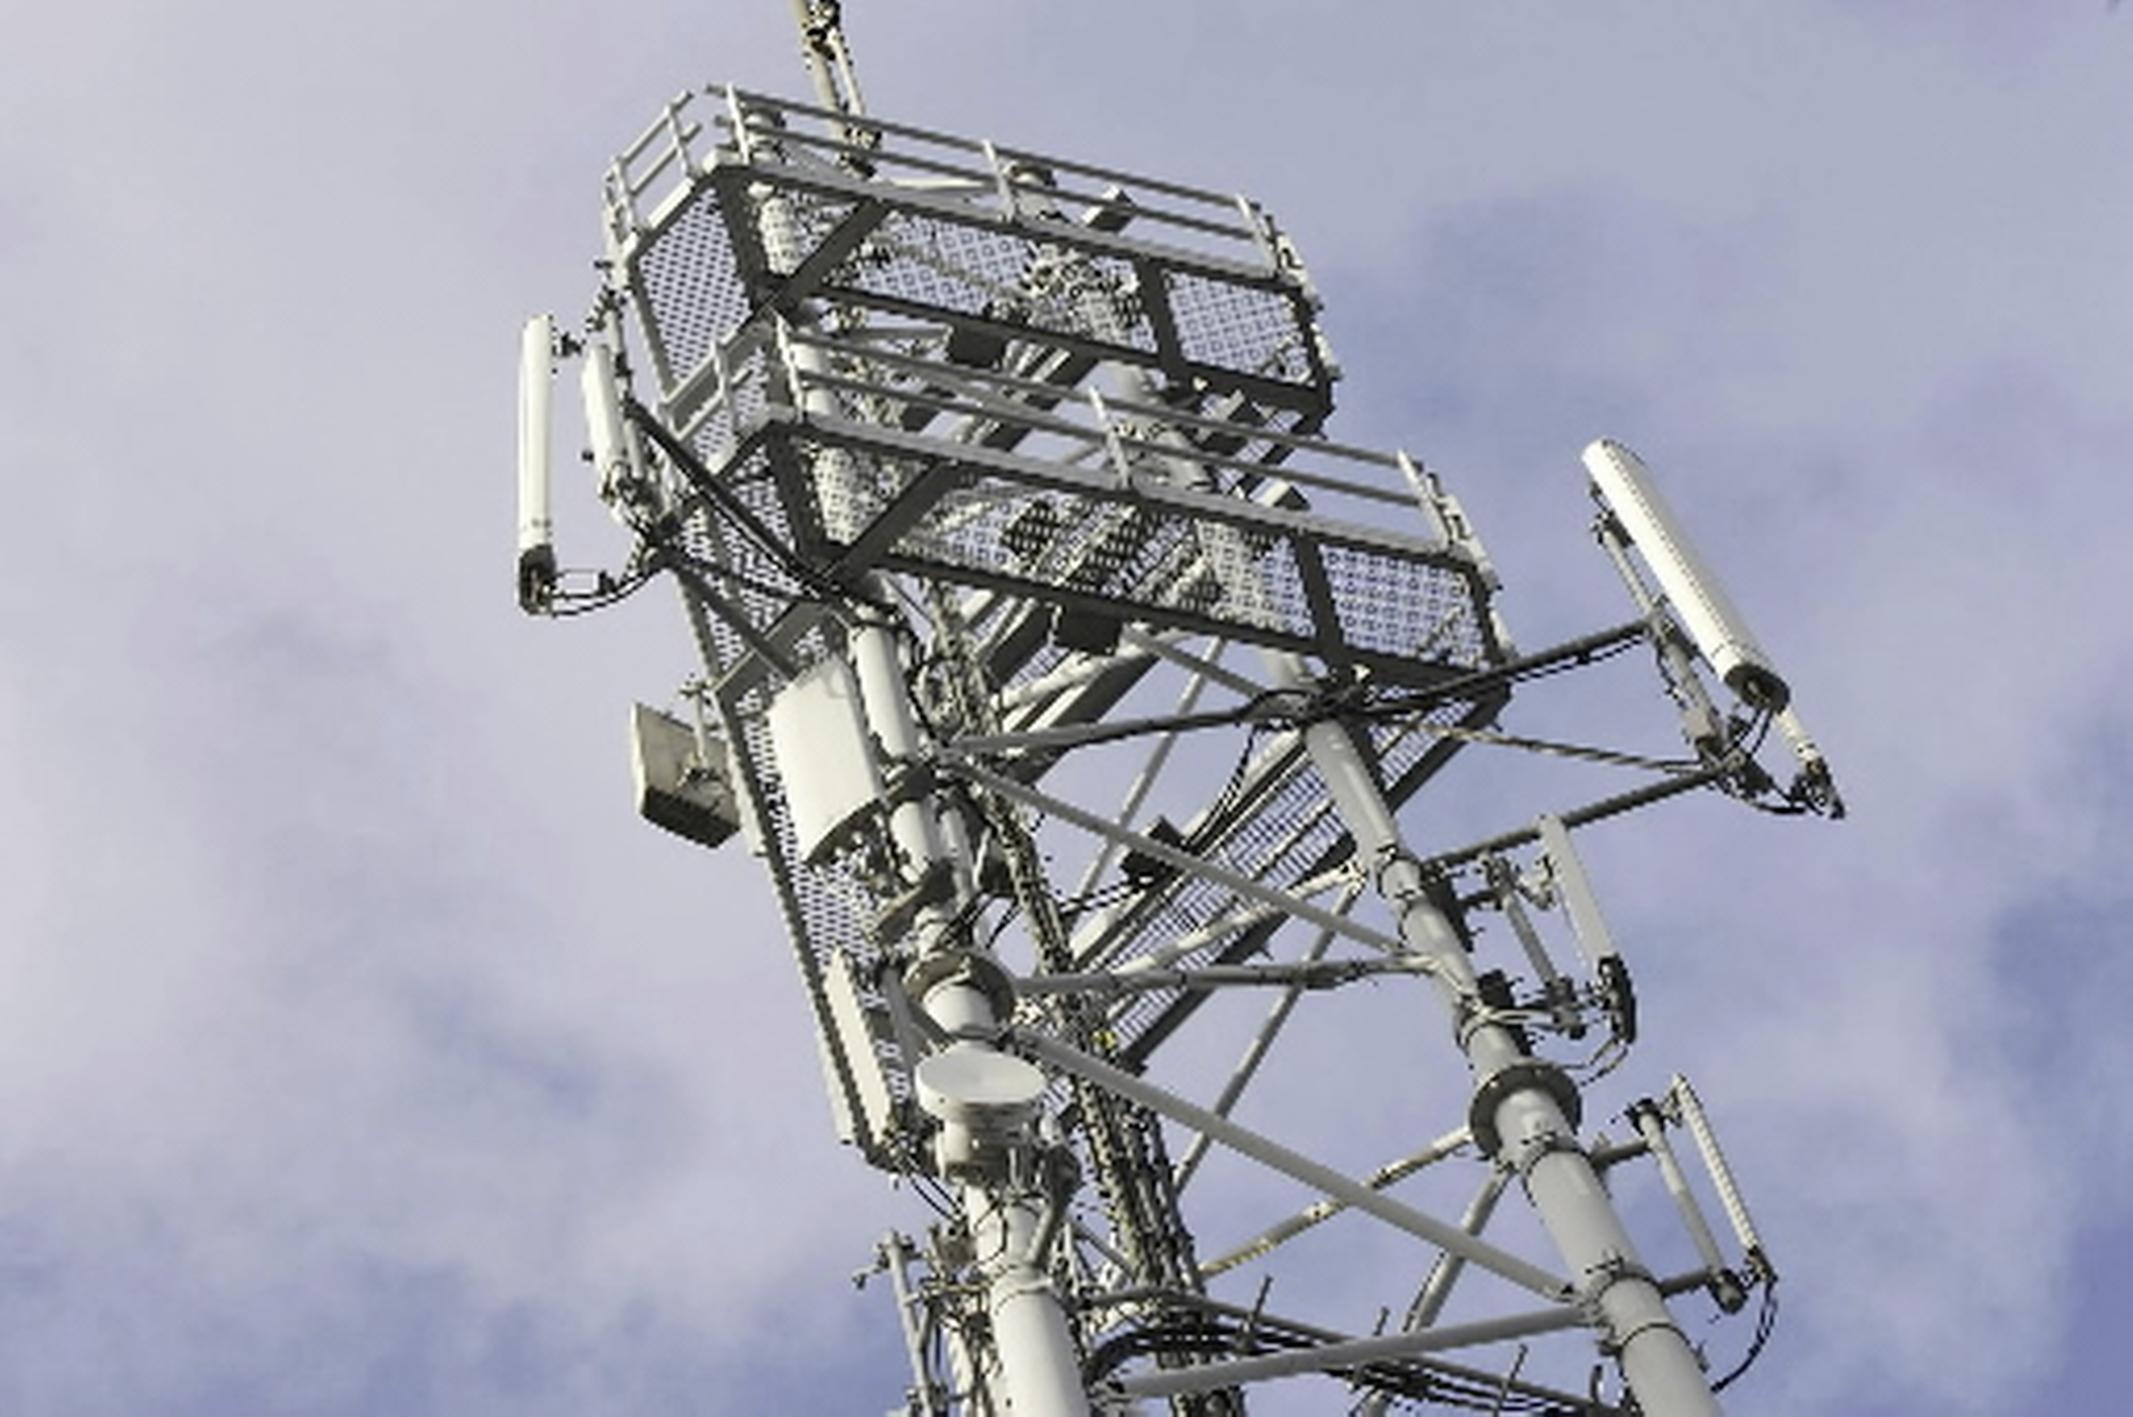 B & W Kaag en Braassem brengen spijkerharde kritiek op hun handelen bij vergunning zendmast alsnog naar buiten